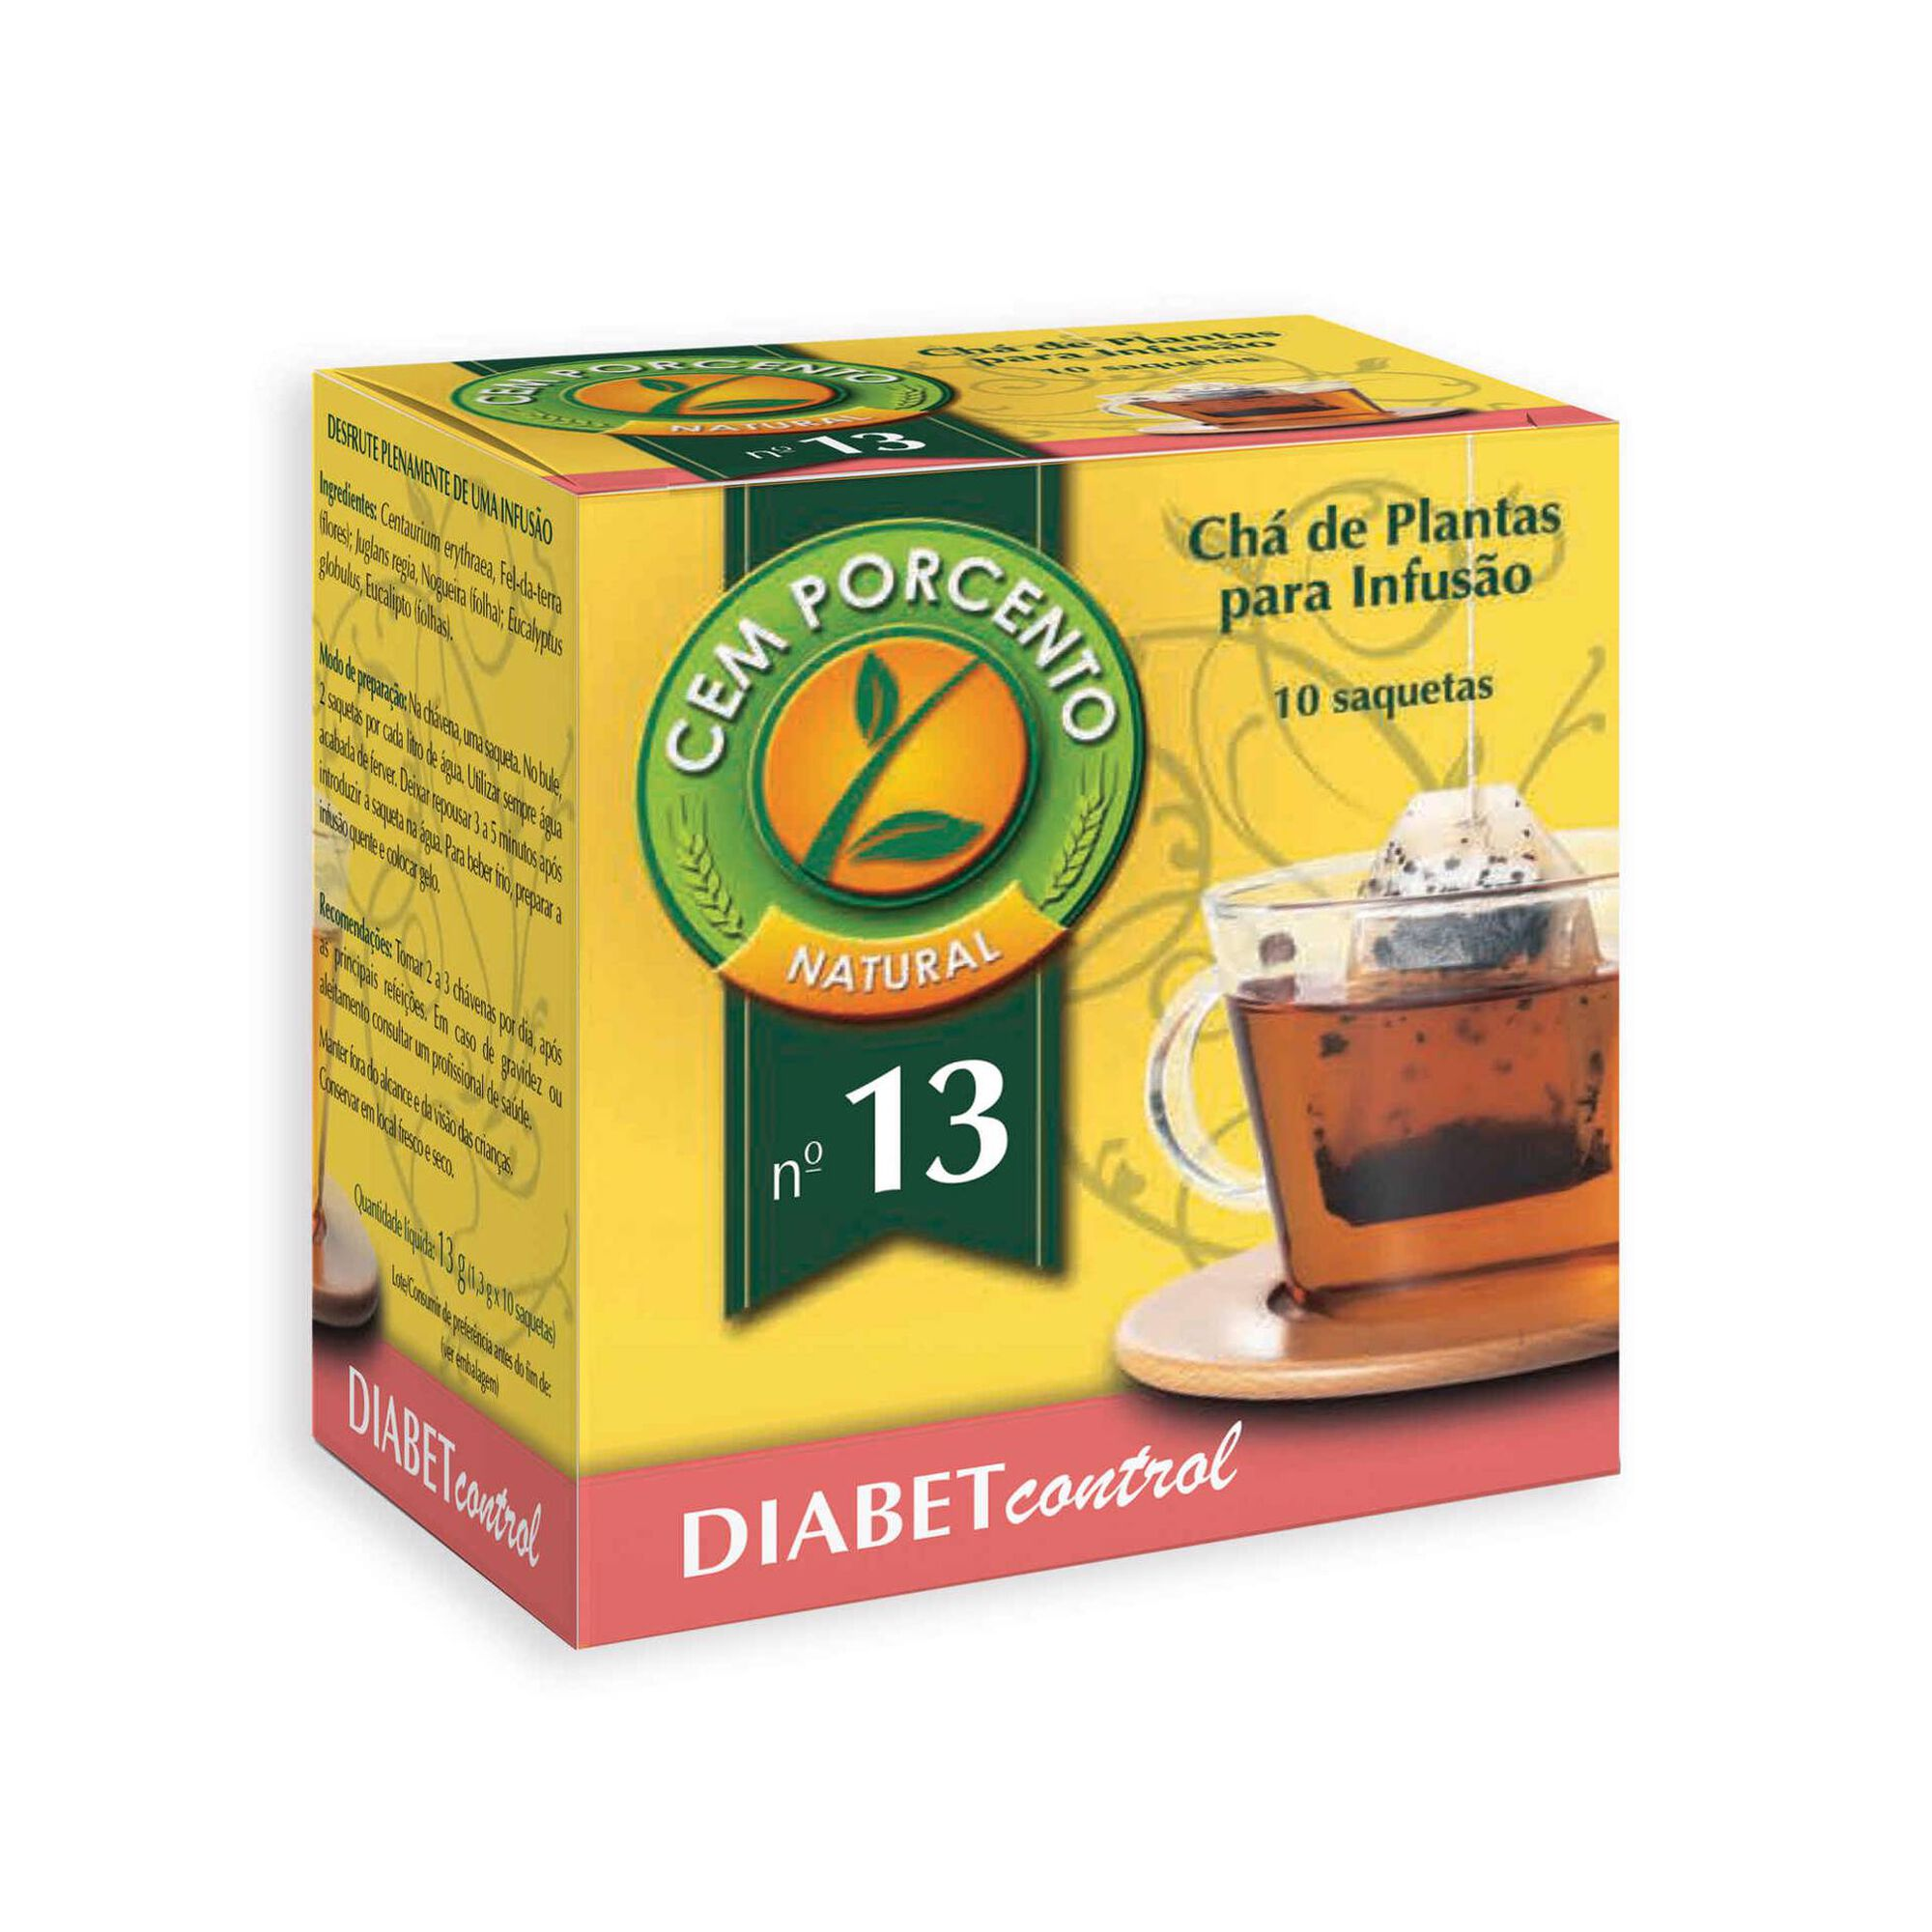 Chá Infusão Nº13 Diabet Control Saquetas